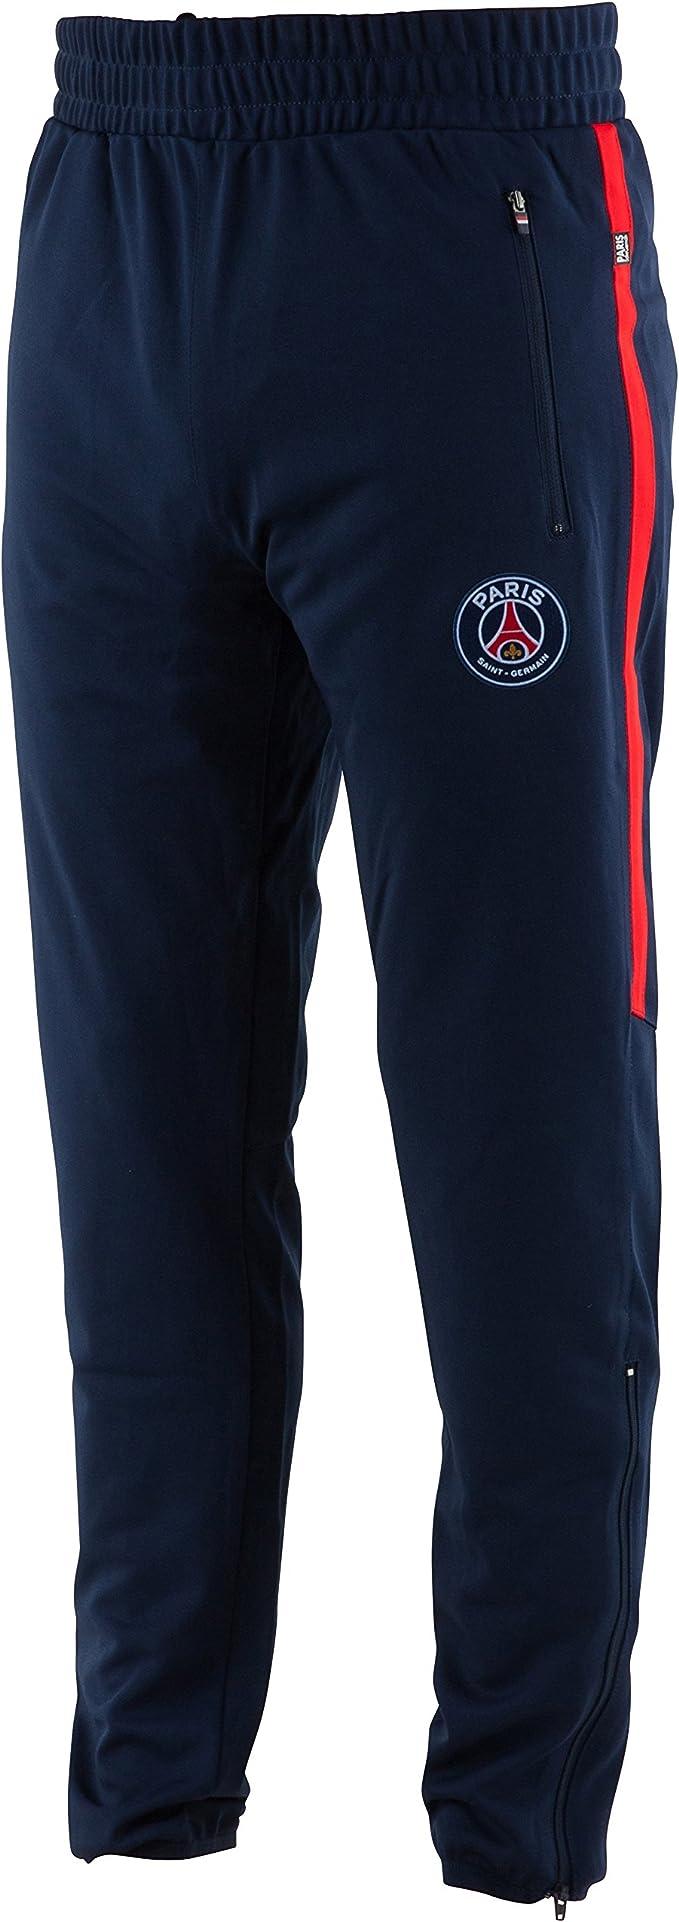 PARIS SAINT GERMAIN - Pantalón de chándal, colección oficial del ...